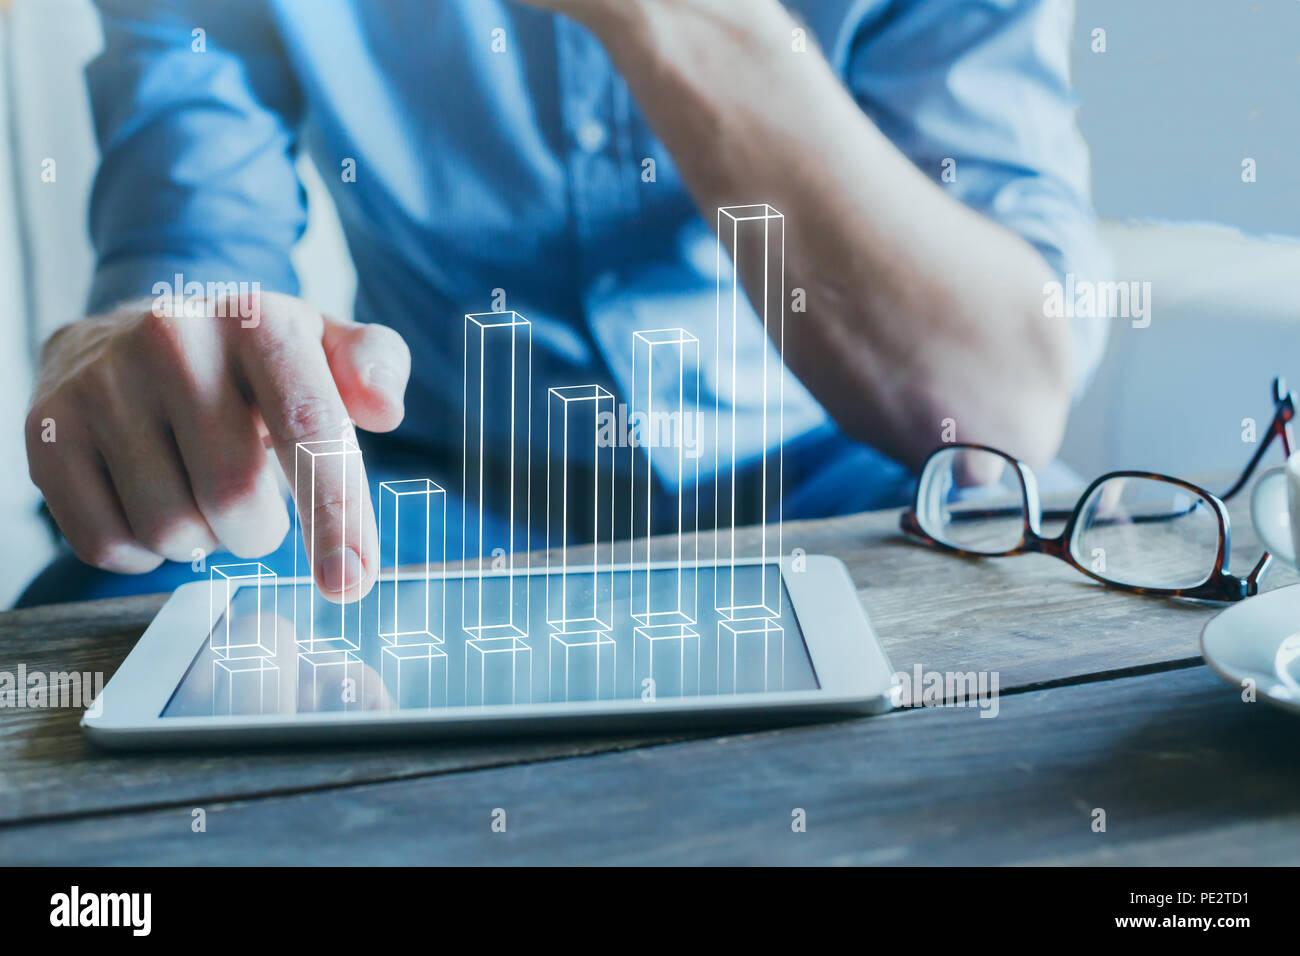 Unternehmer mit Hilfe digitaler Technologie für Business Start-up, 3D-Säulendiagramm Stockbild